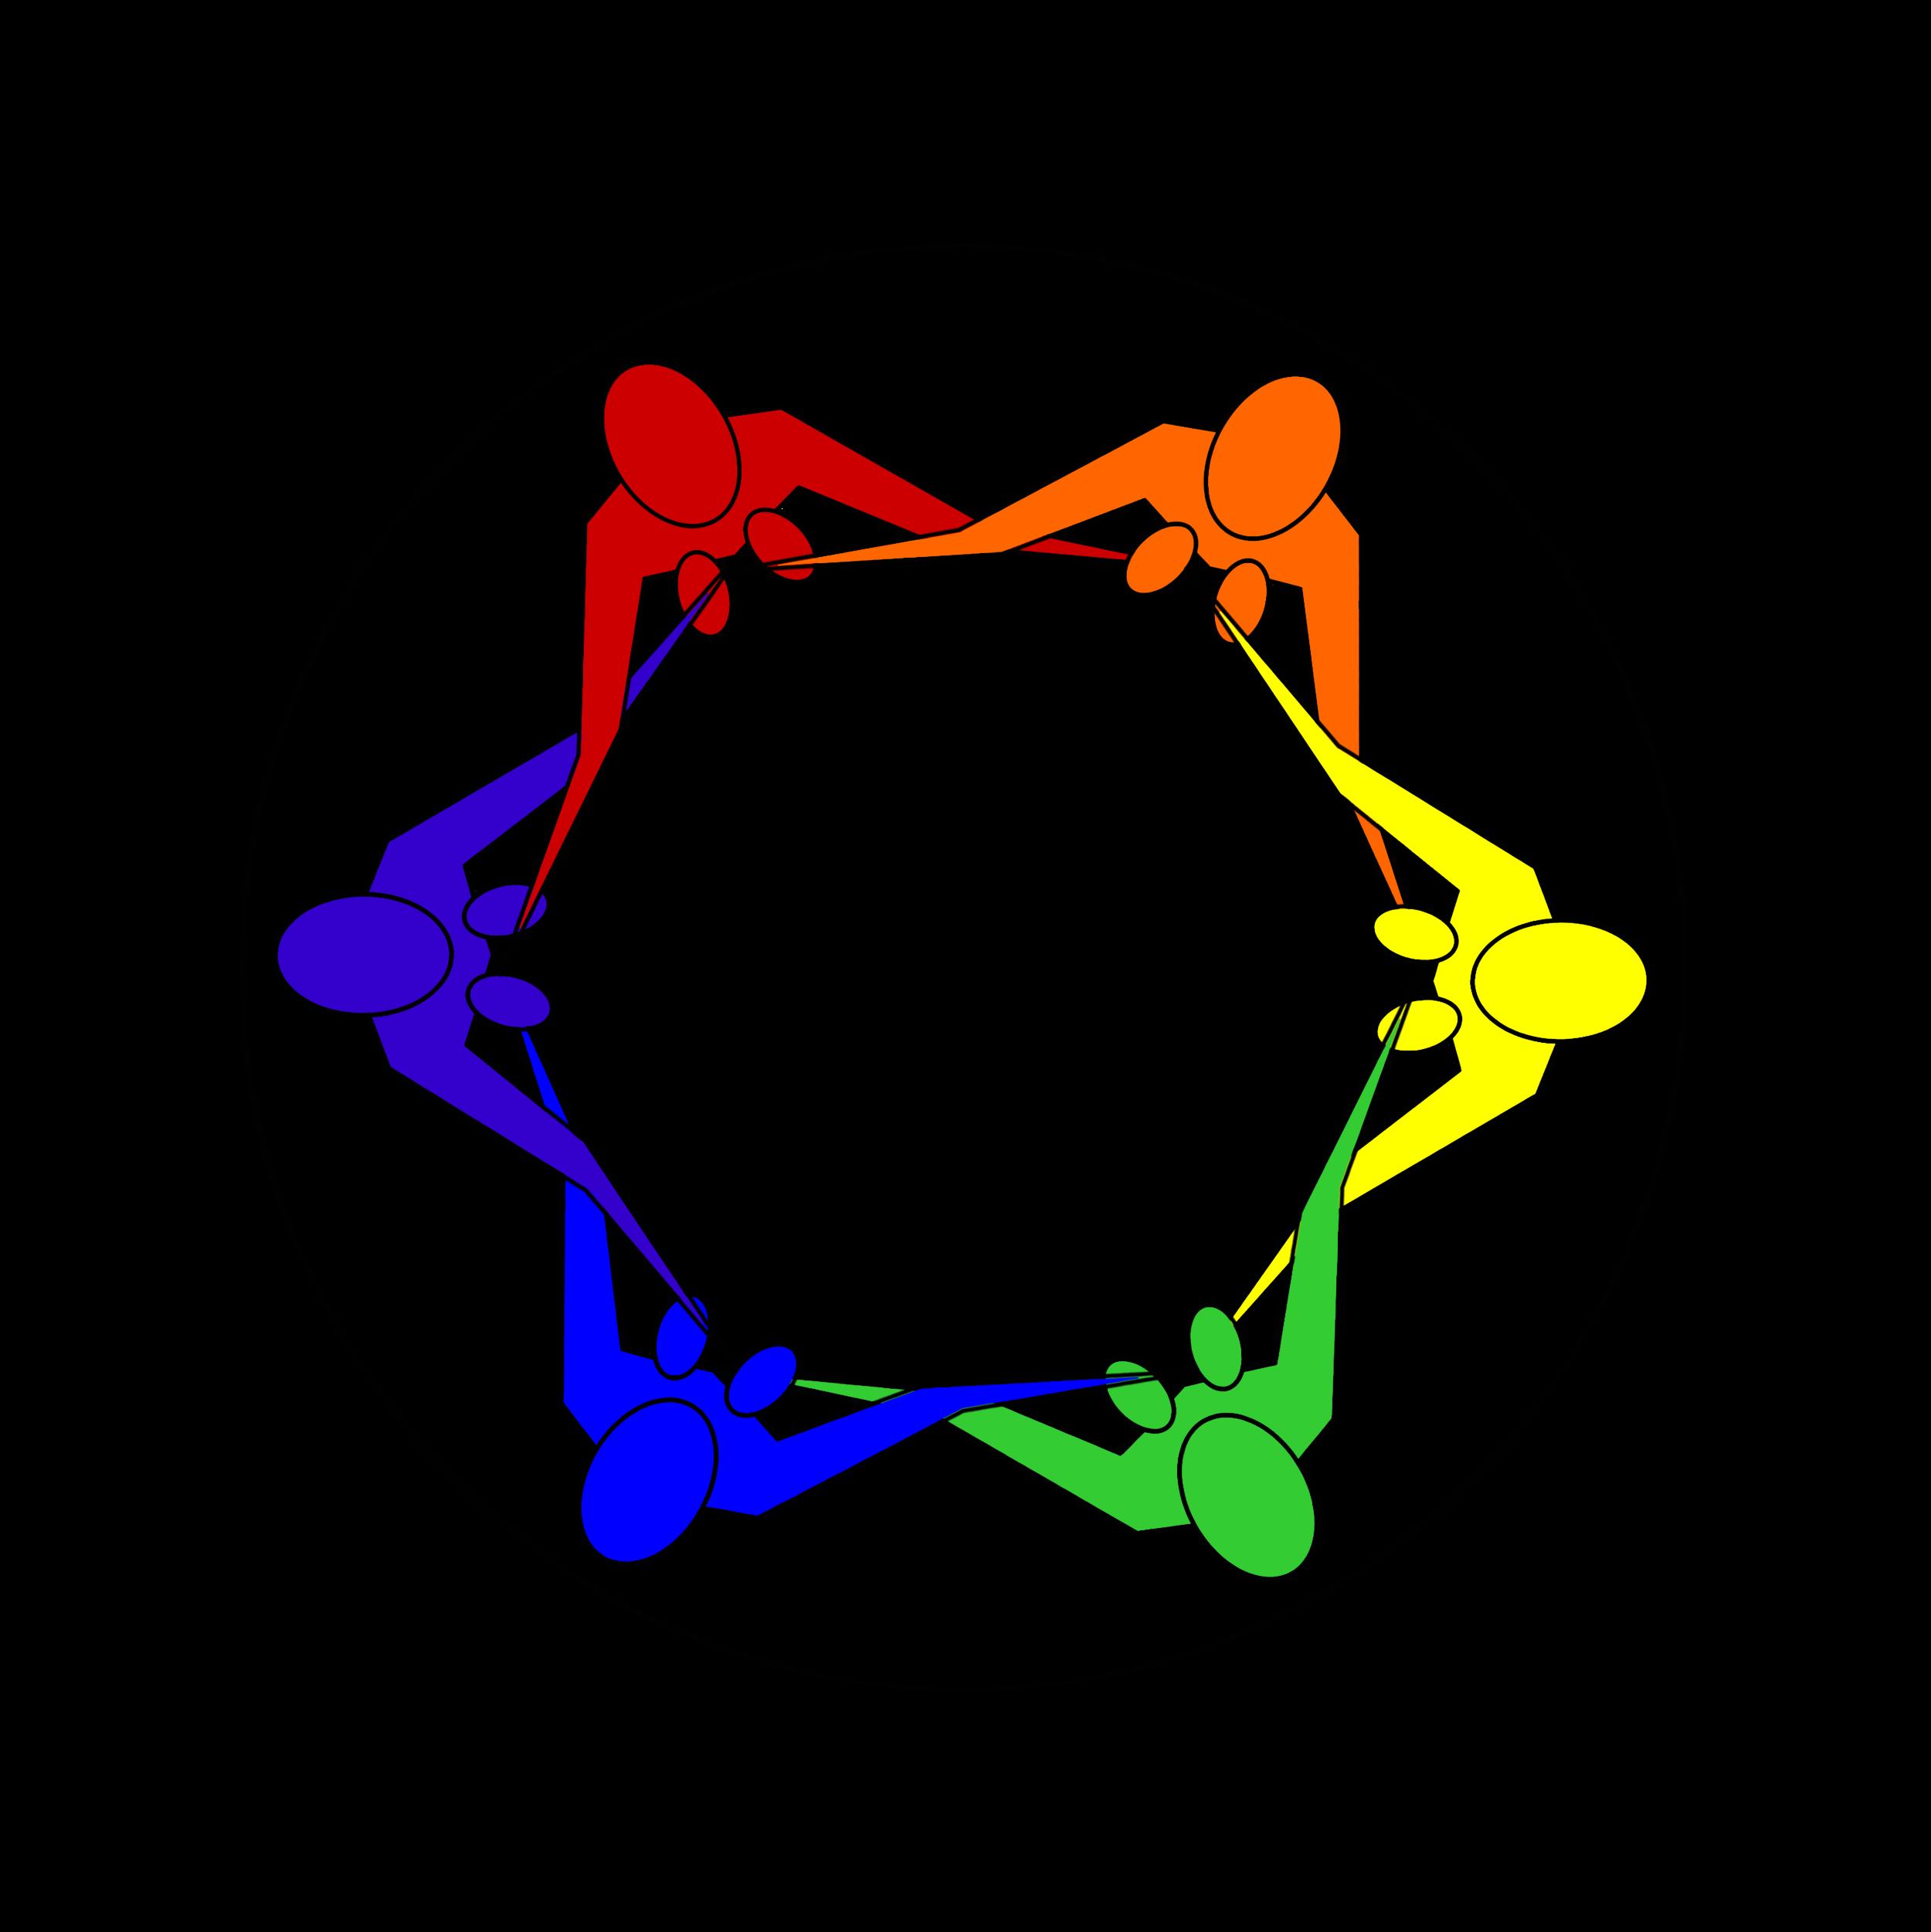 Logo_Update_Enlarge_300dpi.png